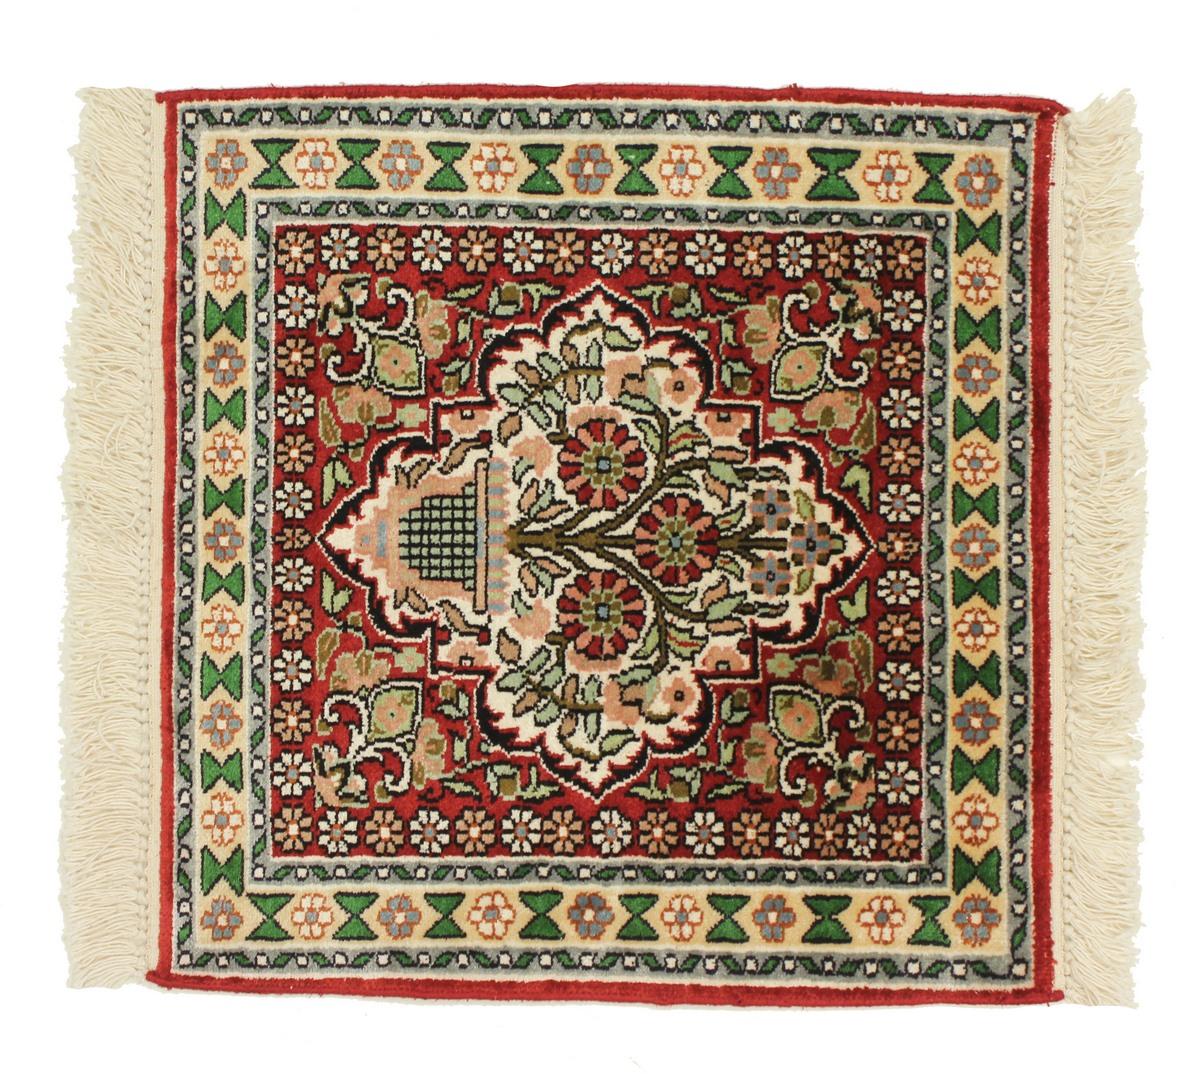 kaschmir reine seide indischer teppich 46x45 id13942. Black Bedroom Furniture Sets. Home Design Ideas